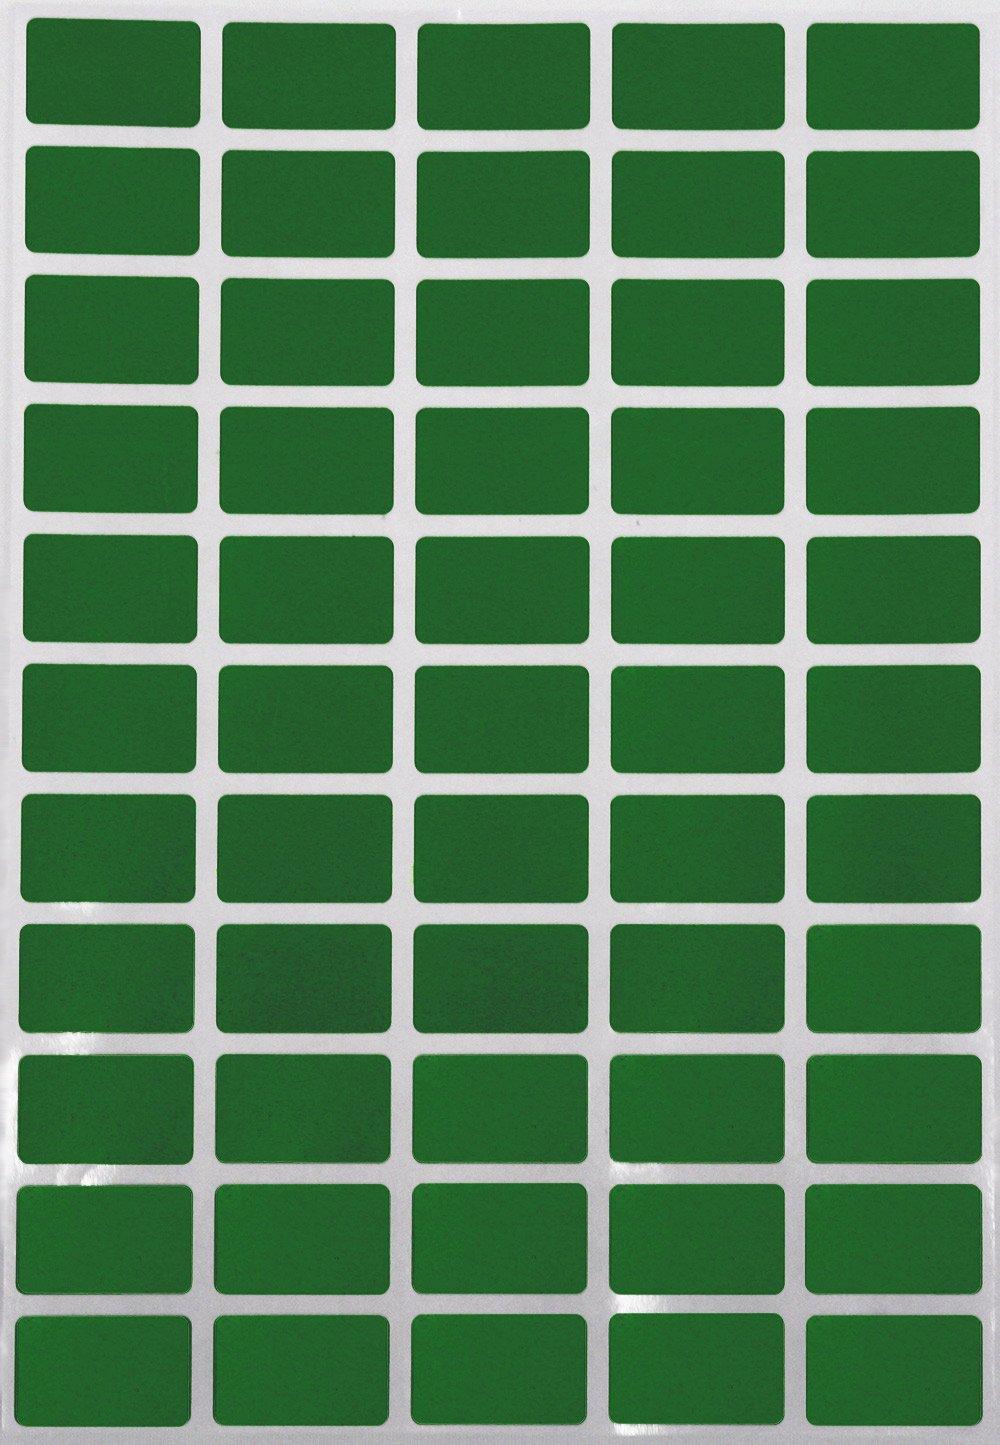 Gr/ö/ße 2,5cm x 1,6cm viereckige Etiketten von Royal Green /… Aufkleber 25mm x 16mm rechteckige Sticker Rot, 550